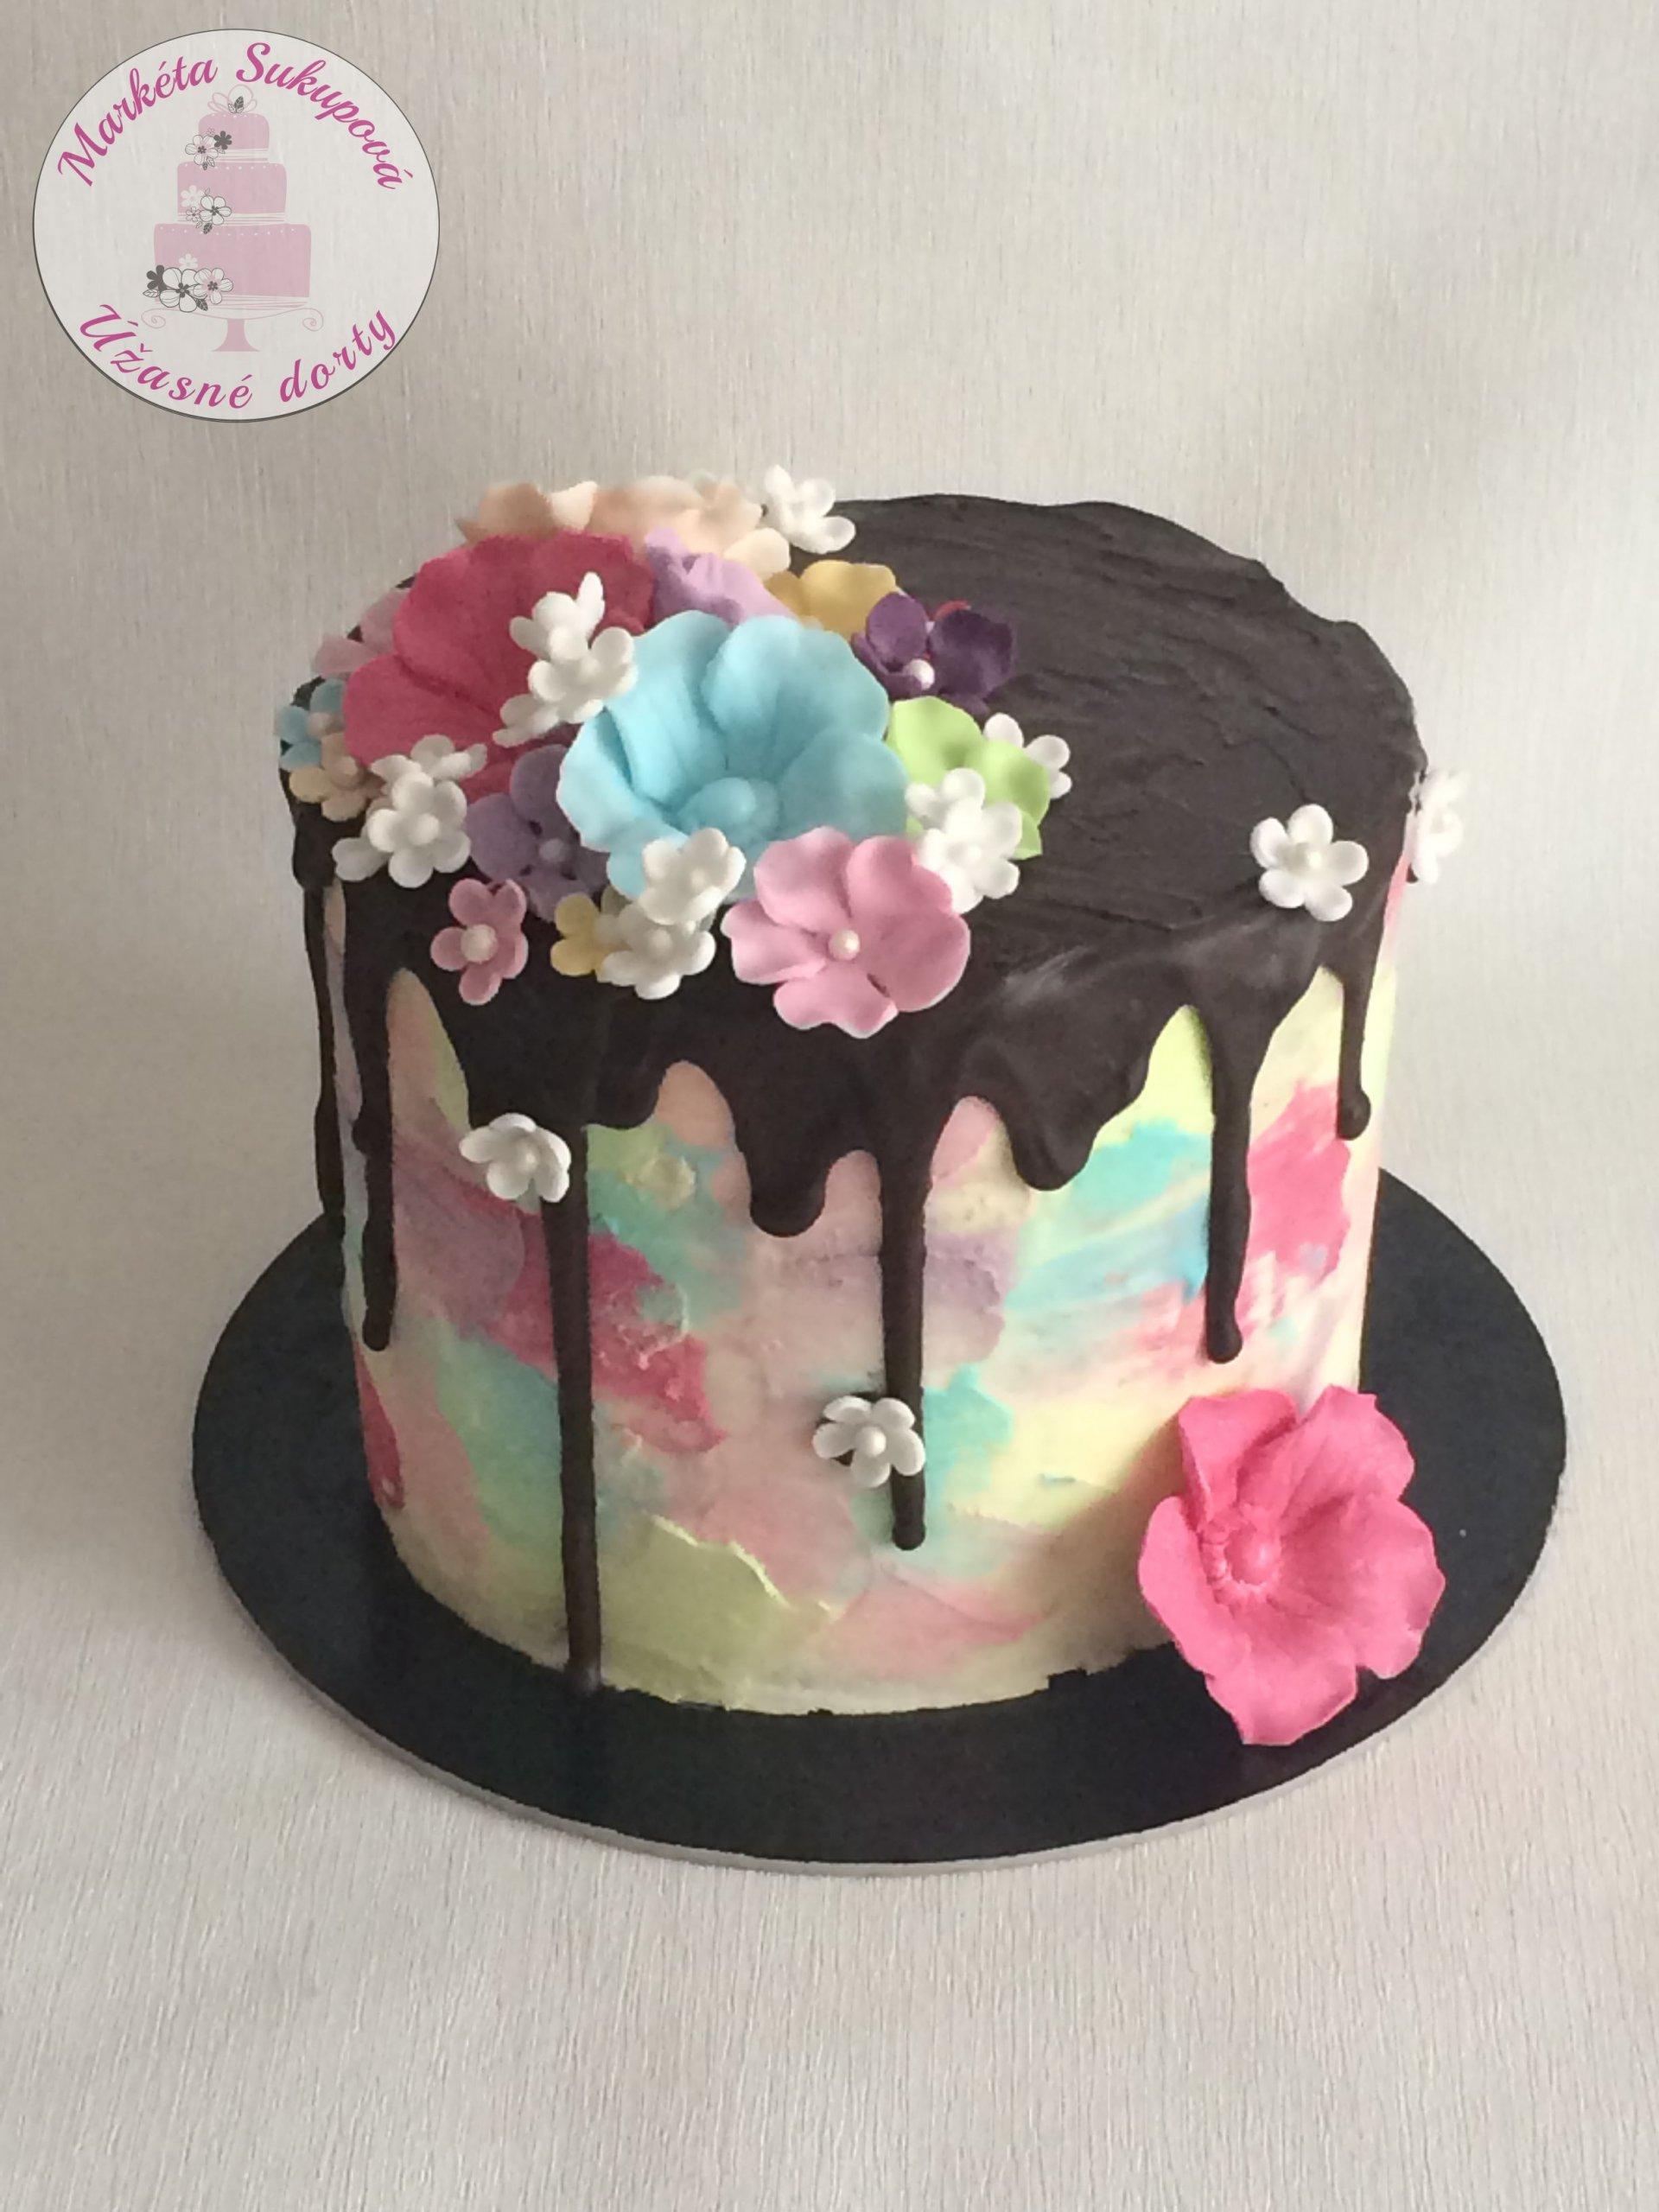 originální dorty k narozeninám Narozeninové dorty   Úžasné dorty   Markéta Sukupová originální dorty k narozeninám